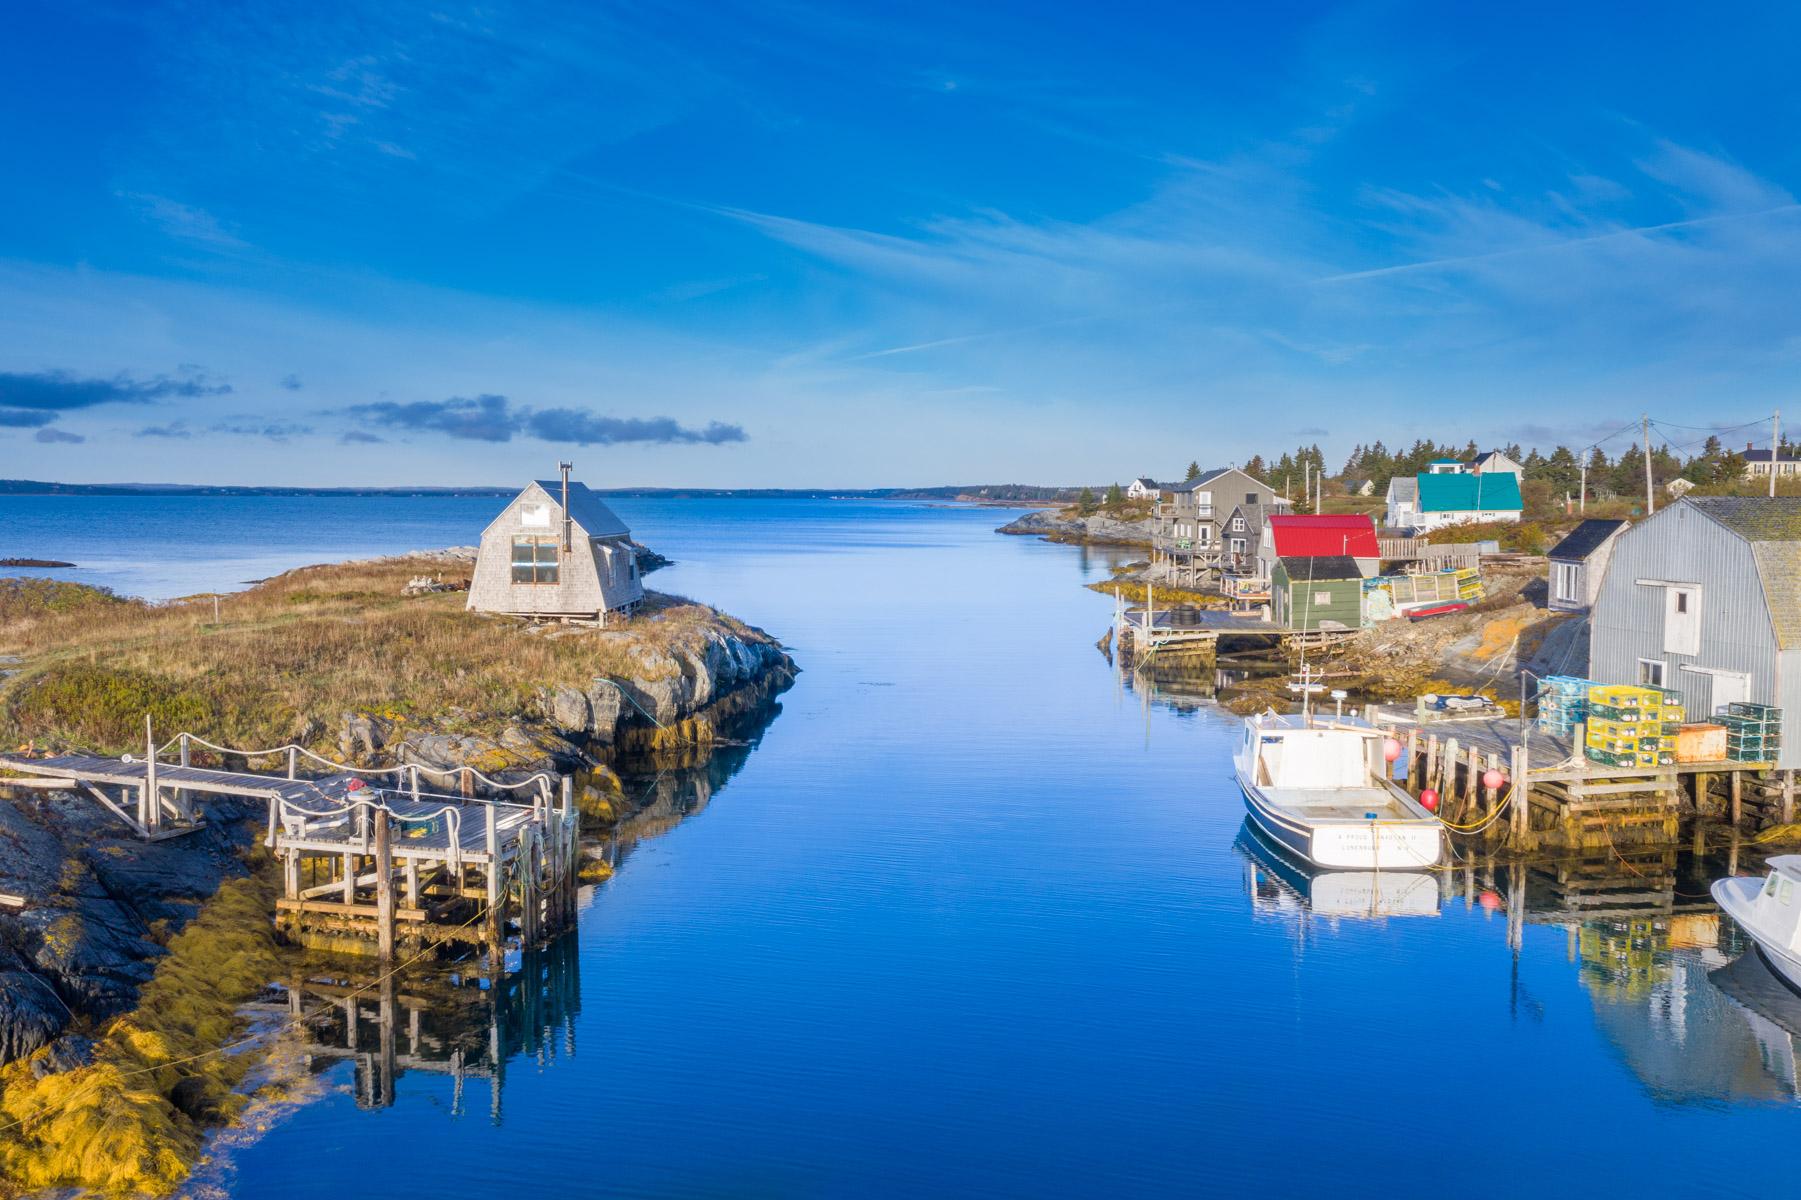 Blue Rocks Island, Blue Rocks Lunenburg, Nova Scotia, Canada